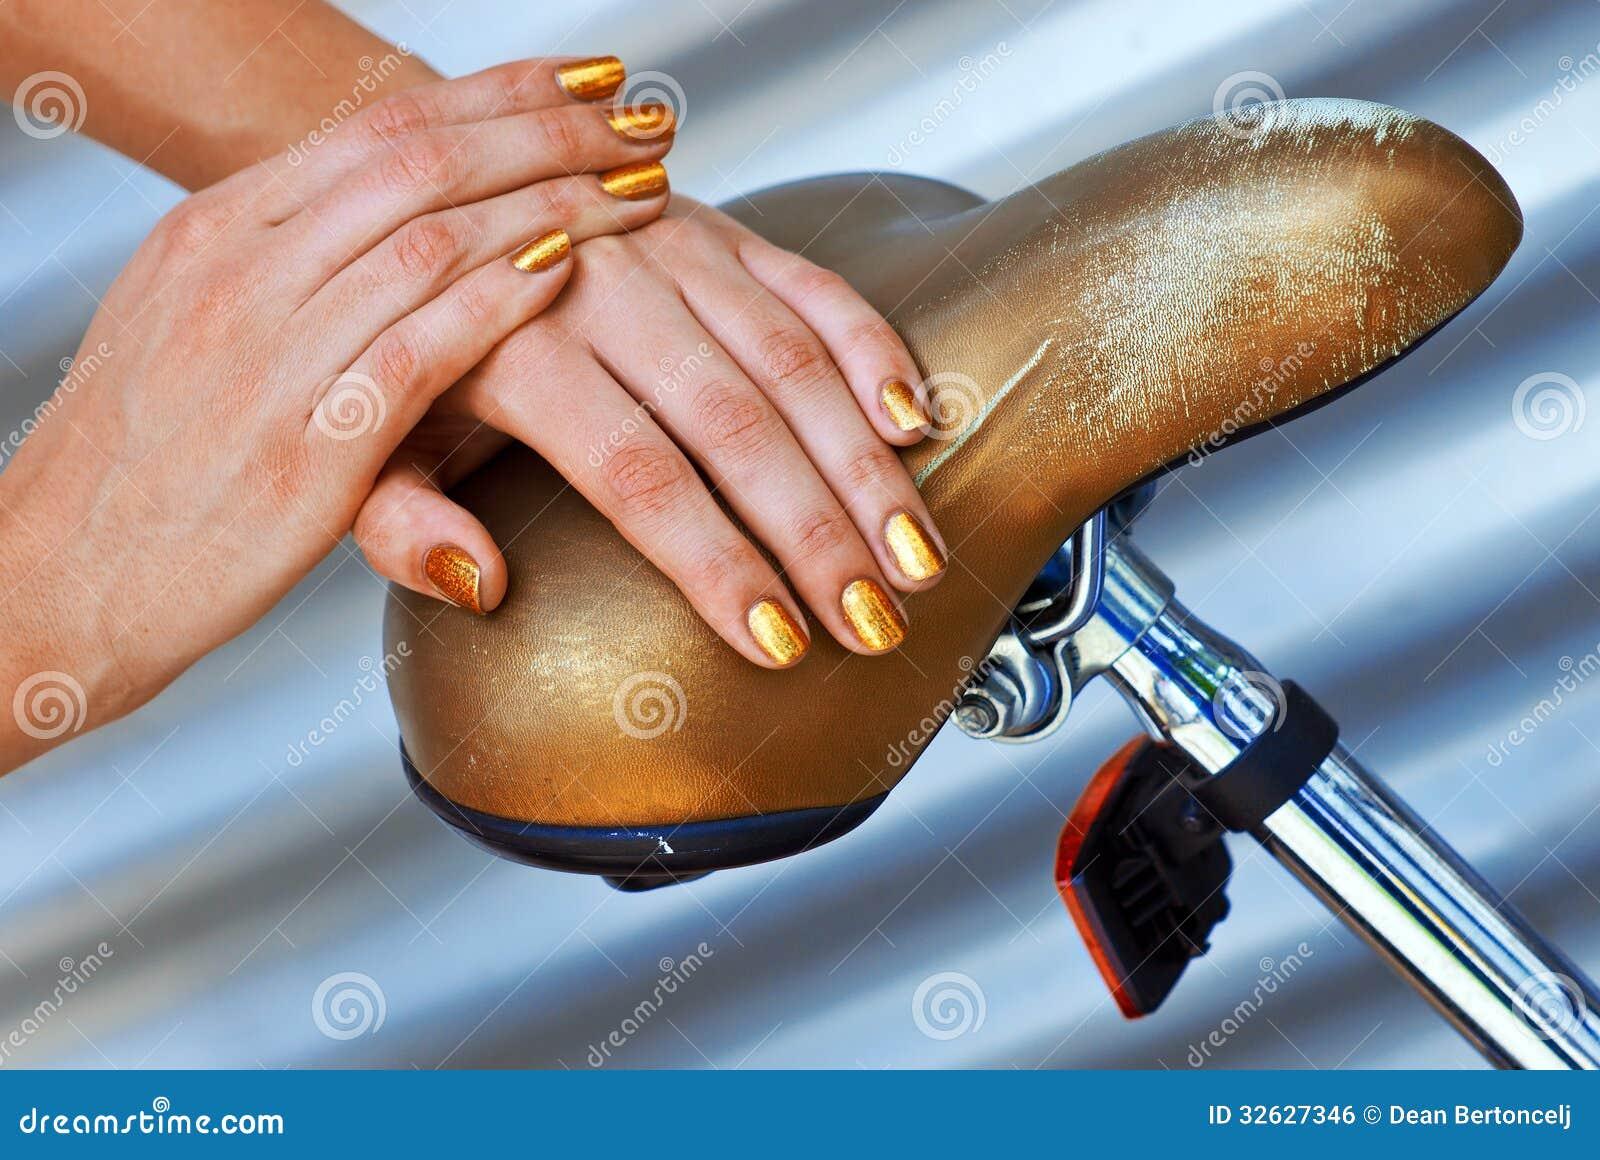 Frau Manikürte Goldene Nägel Stockfoto - Bild von weichheit, hände ...